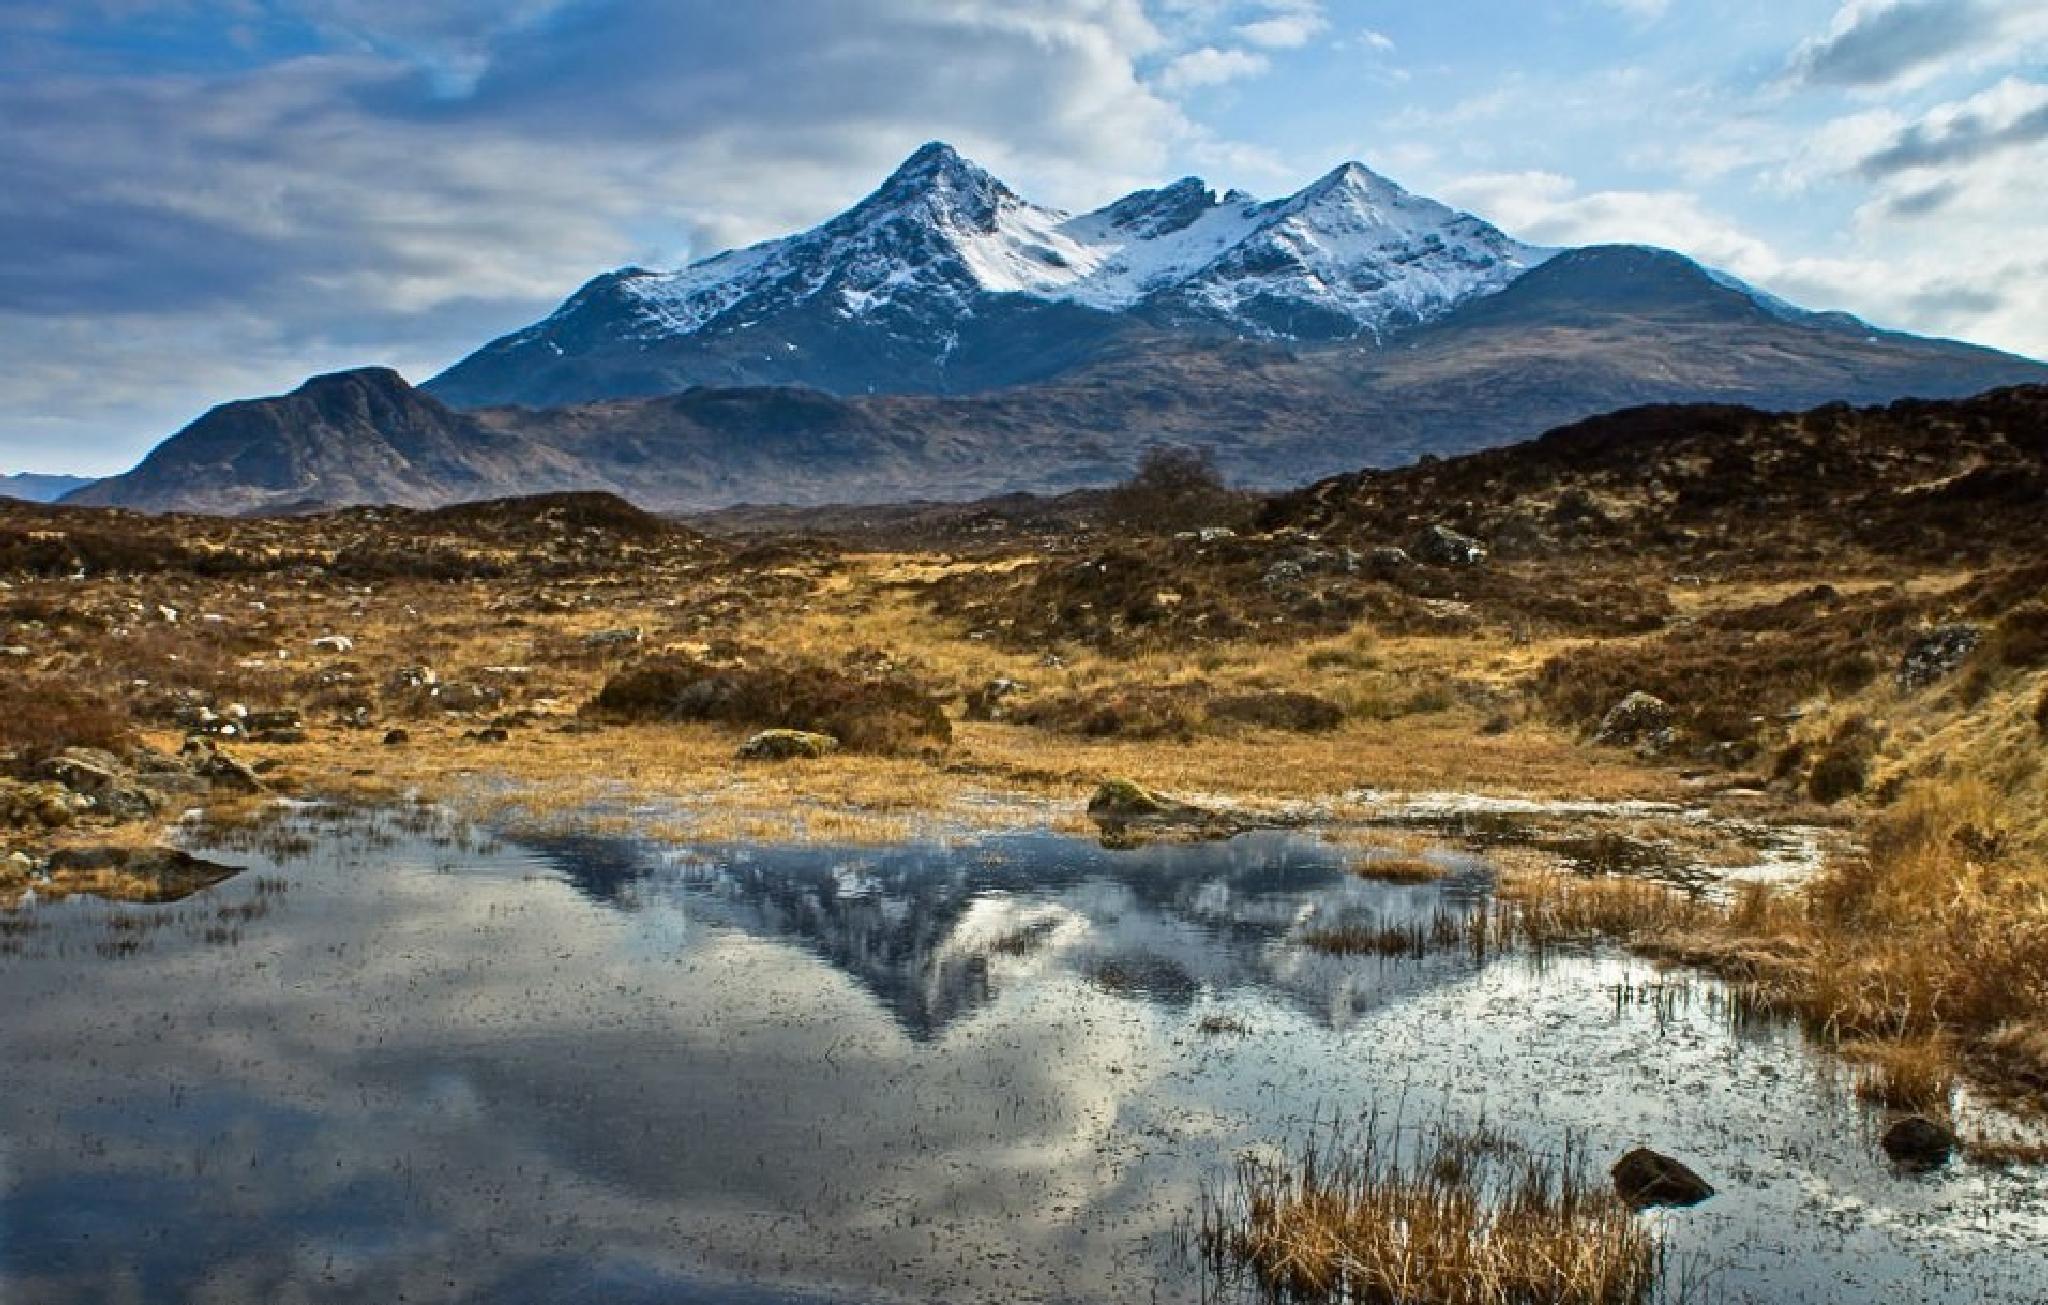 Sgurr nan Gillean, Isle of Skye by Scottish Landscapes